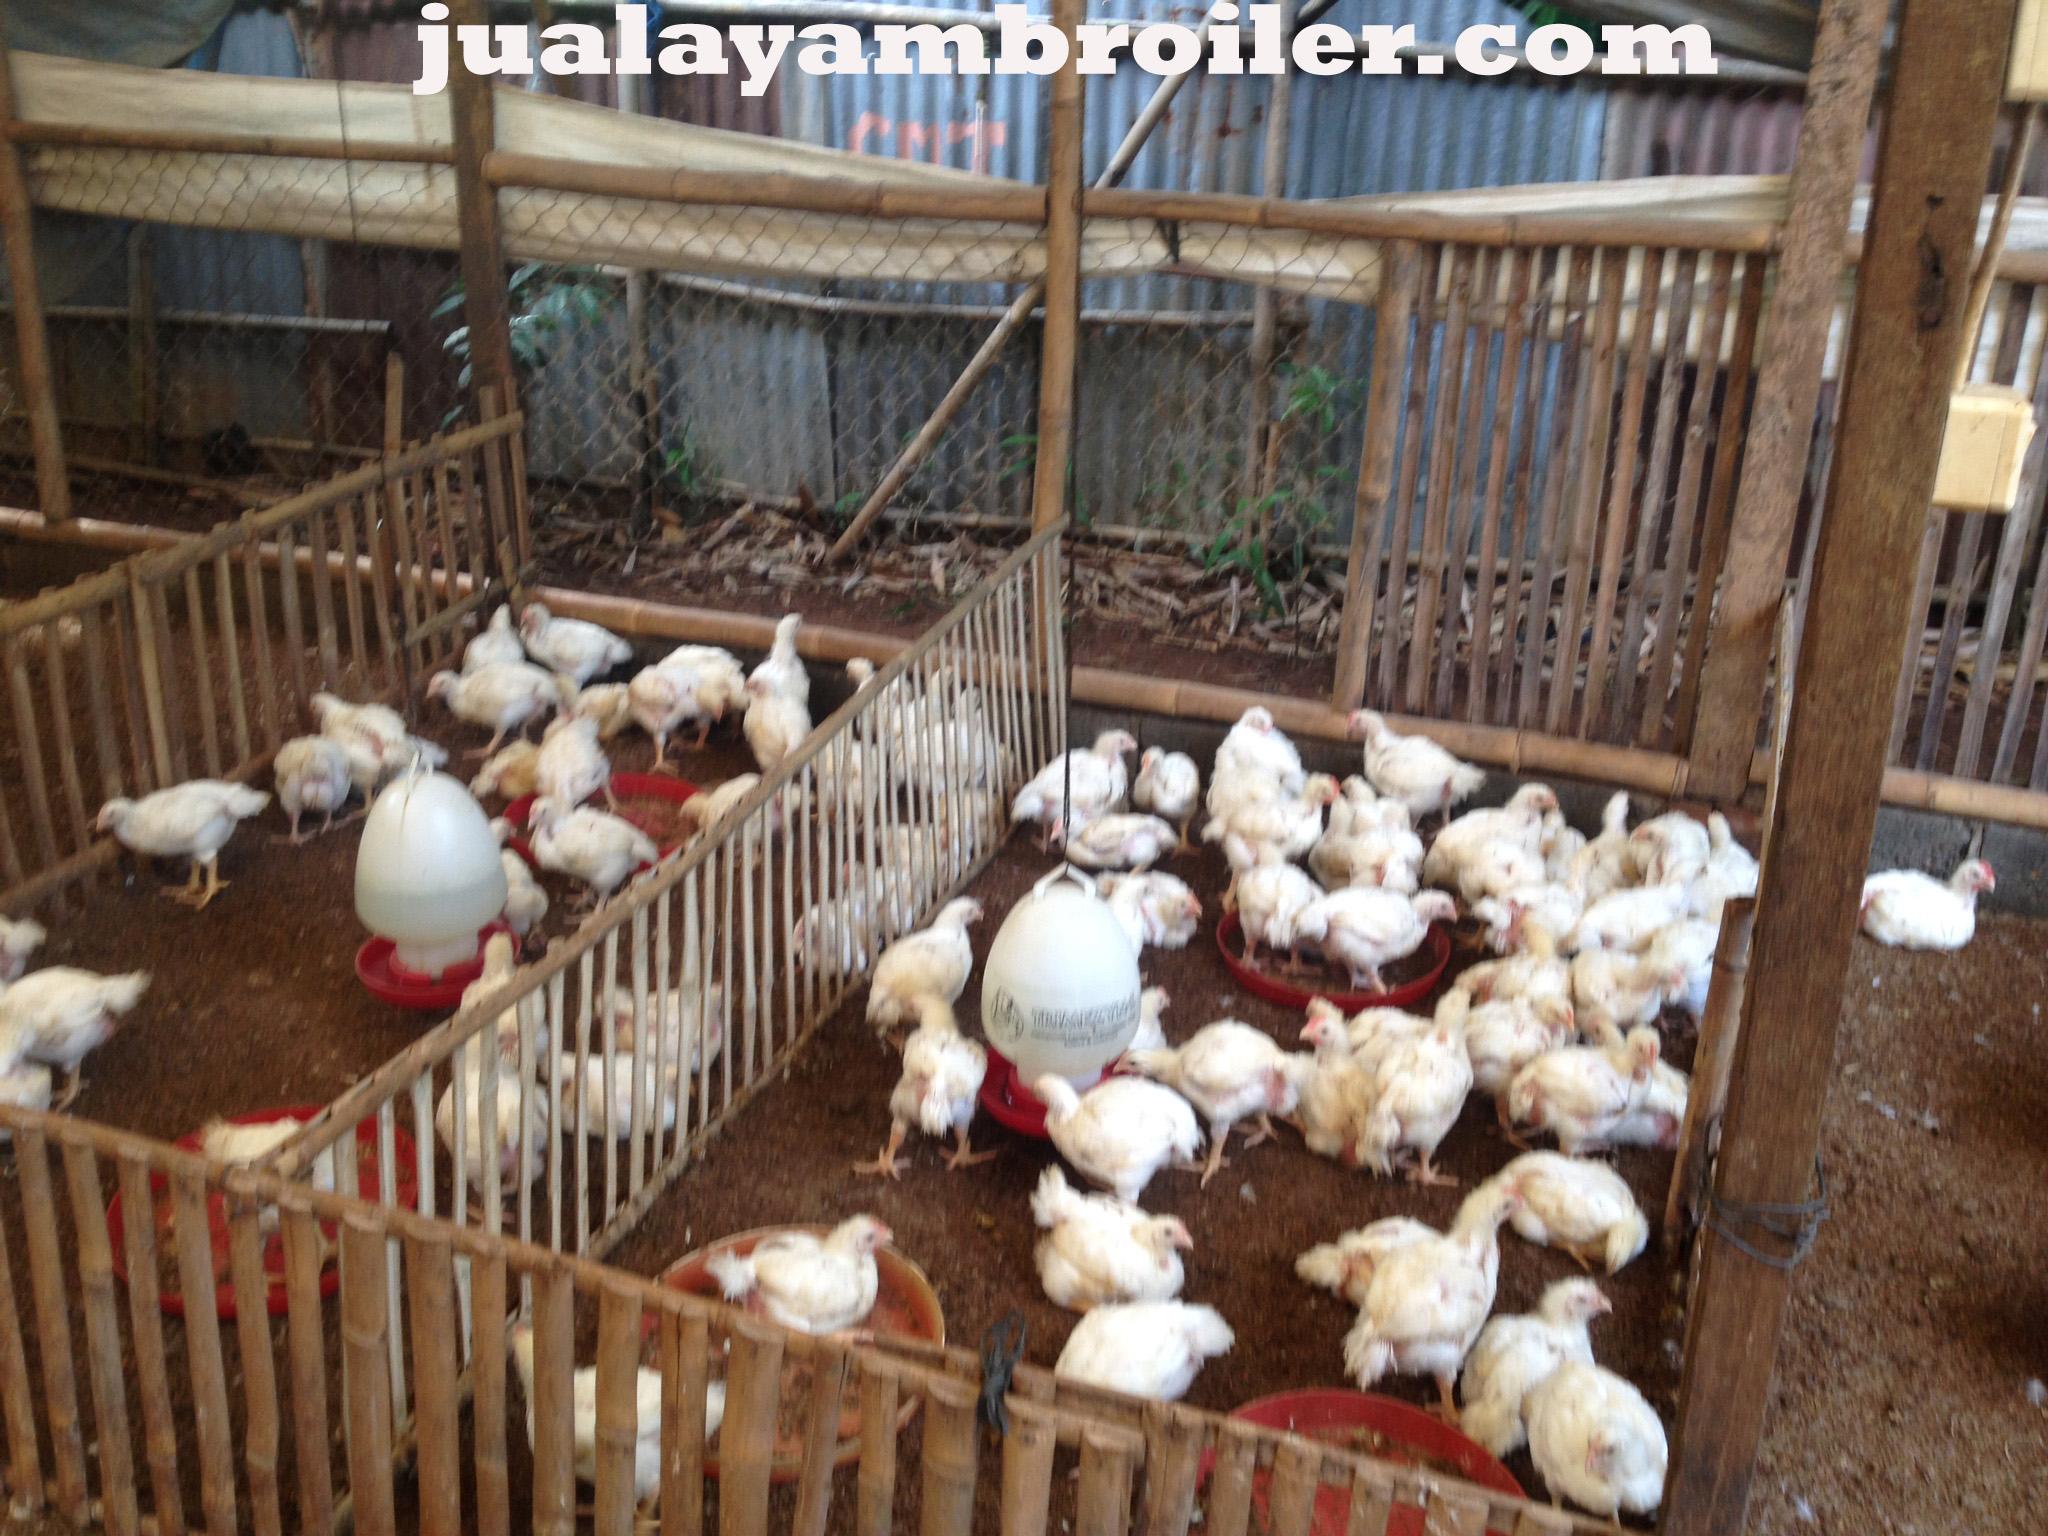 Jual Ayam Broiler di Gunung Putri Bogor